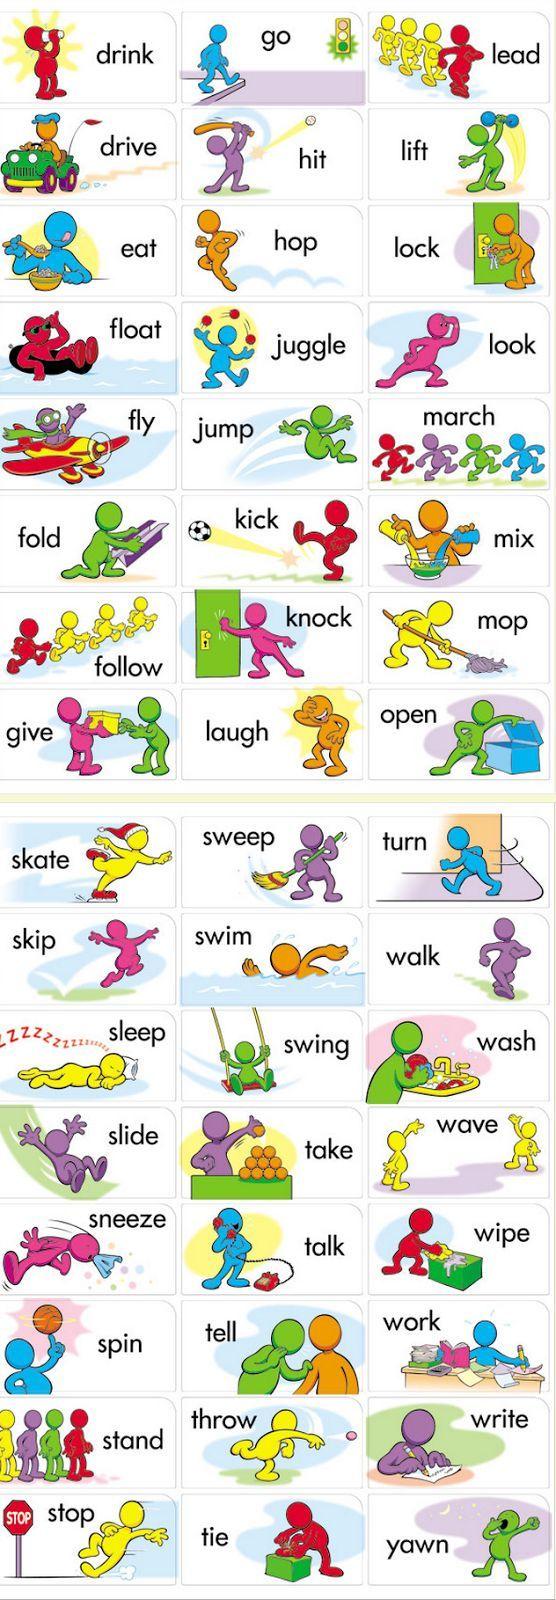 เรียนภาษาอังกฤษ ความรู้ภาษาอังกฤษ ทำอย่างไรให้เก่งอังกฤษ  Lingo Think in English!! :): คำศัพท์ภาษาอังกฤษน่ารู่เกี่ยวกับ กริยา verb ที่ใช้...